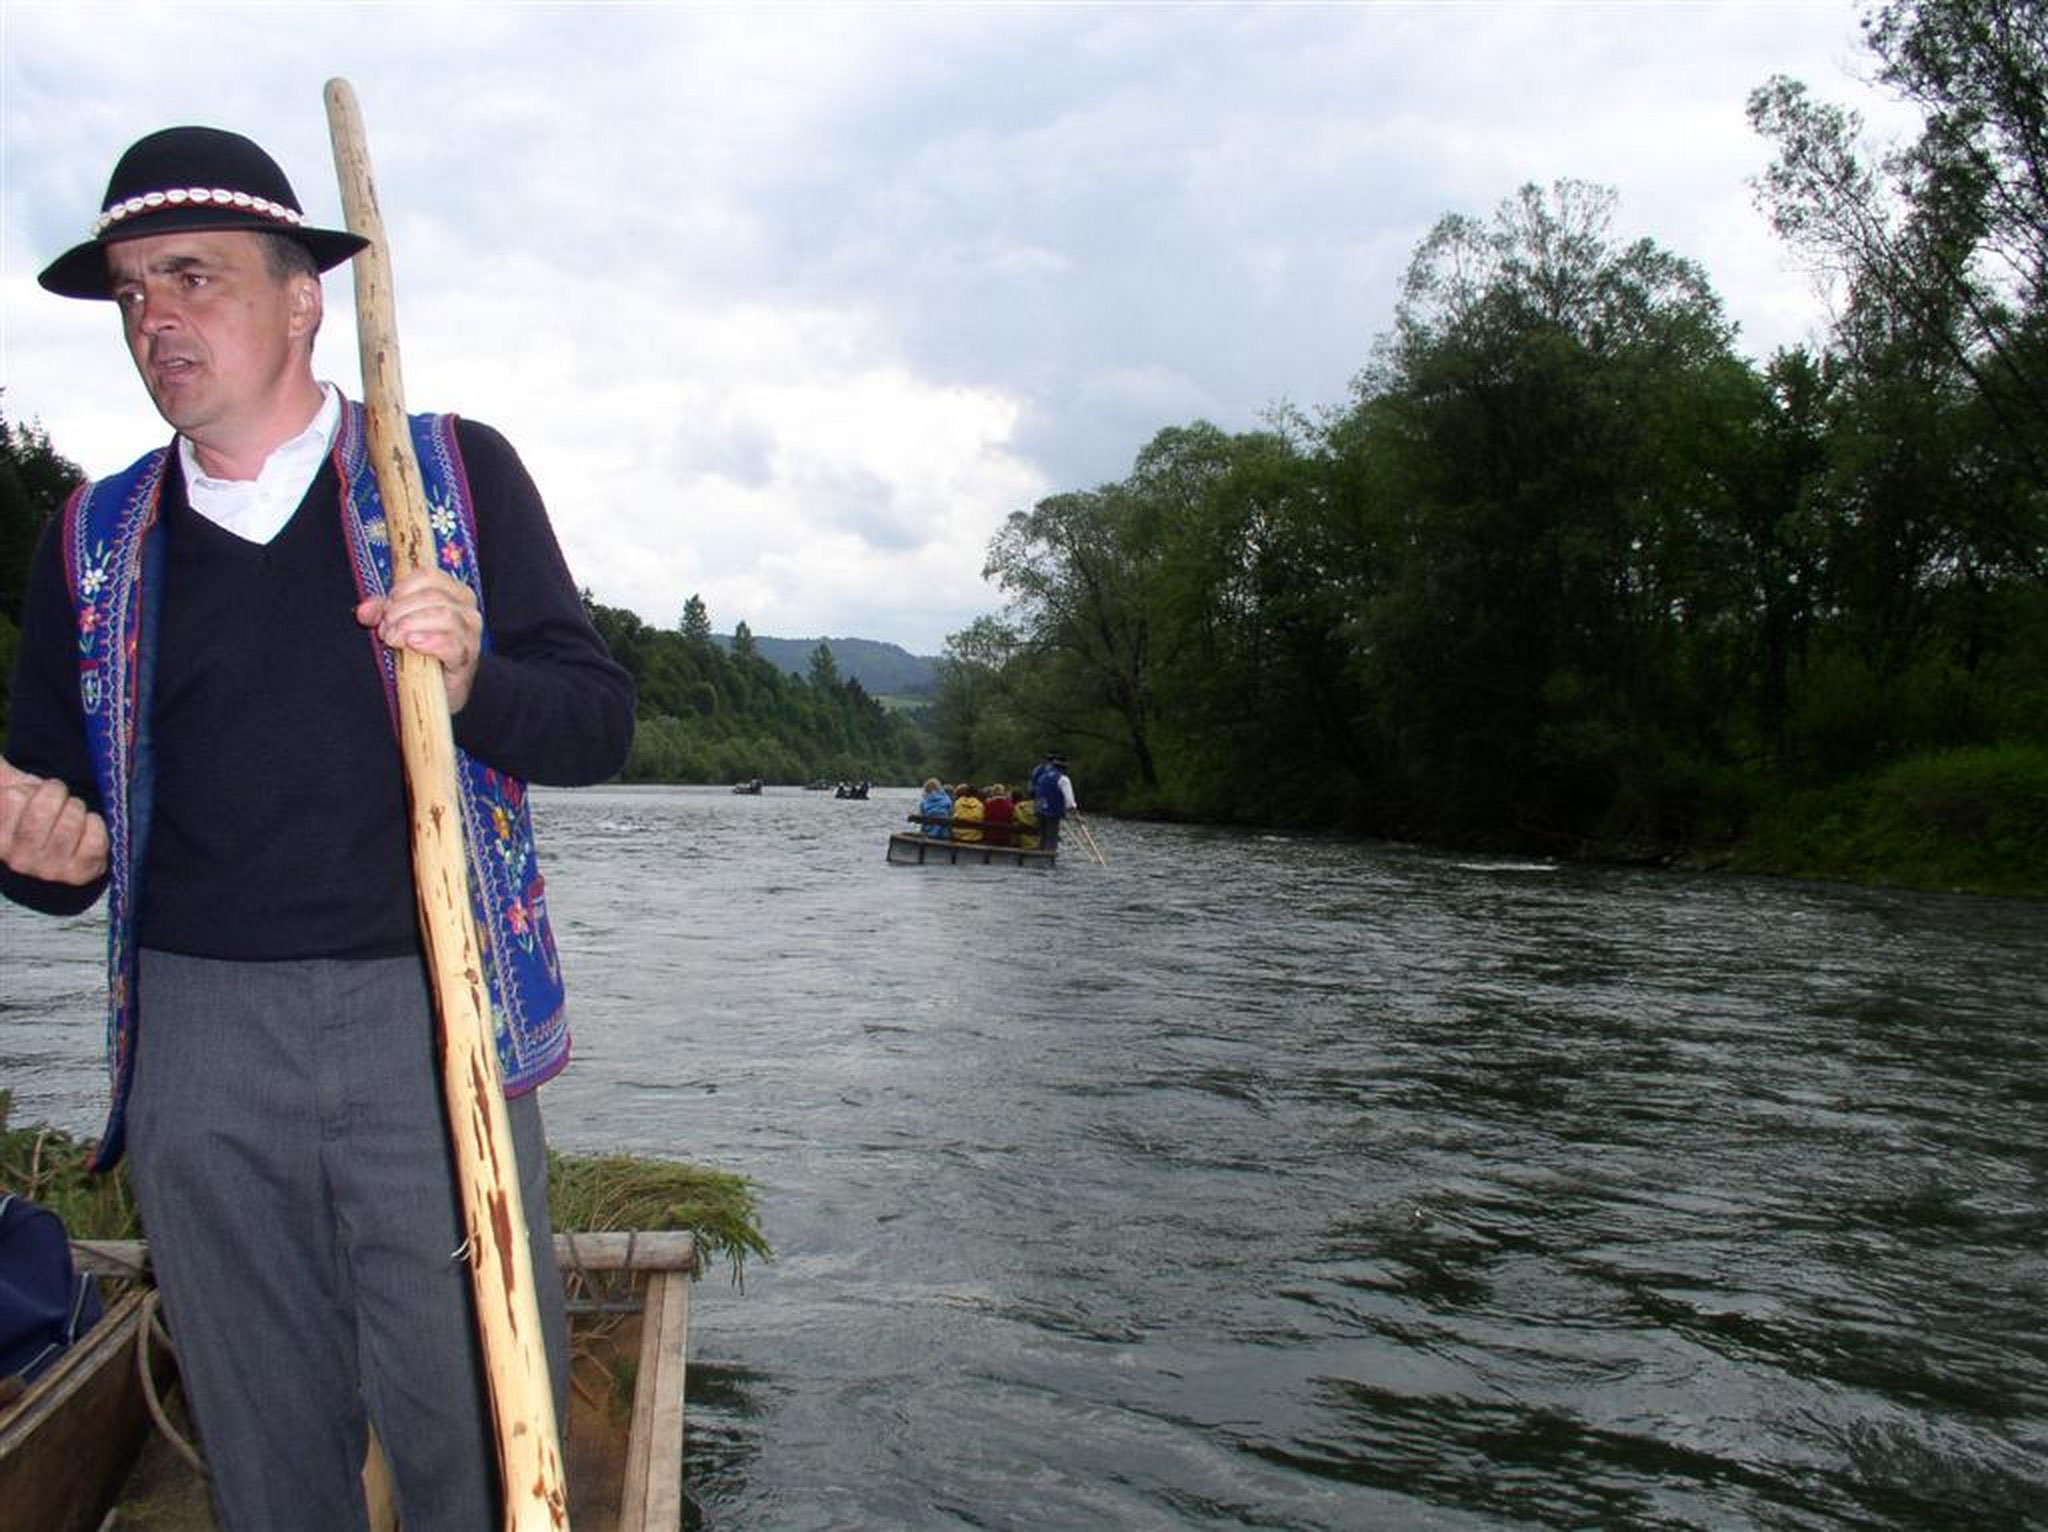 ... rafting on Slovak border